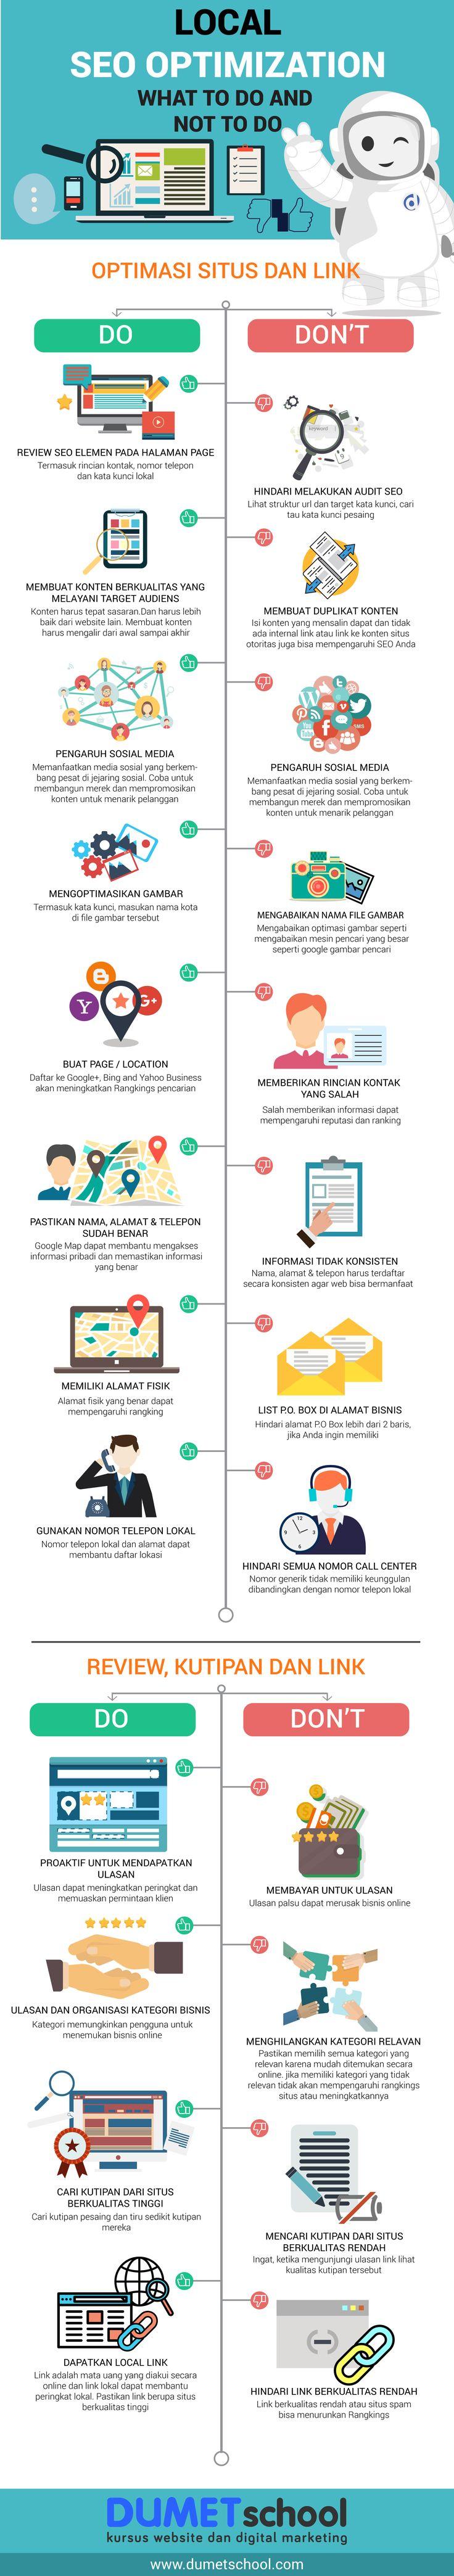 """Halo teman teman, silahkan disimak yaa infographic tentang """"Local SEO Optimizatio"""" yang harus dilakukan dan tidak :)"""